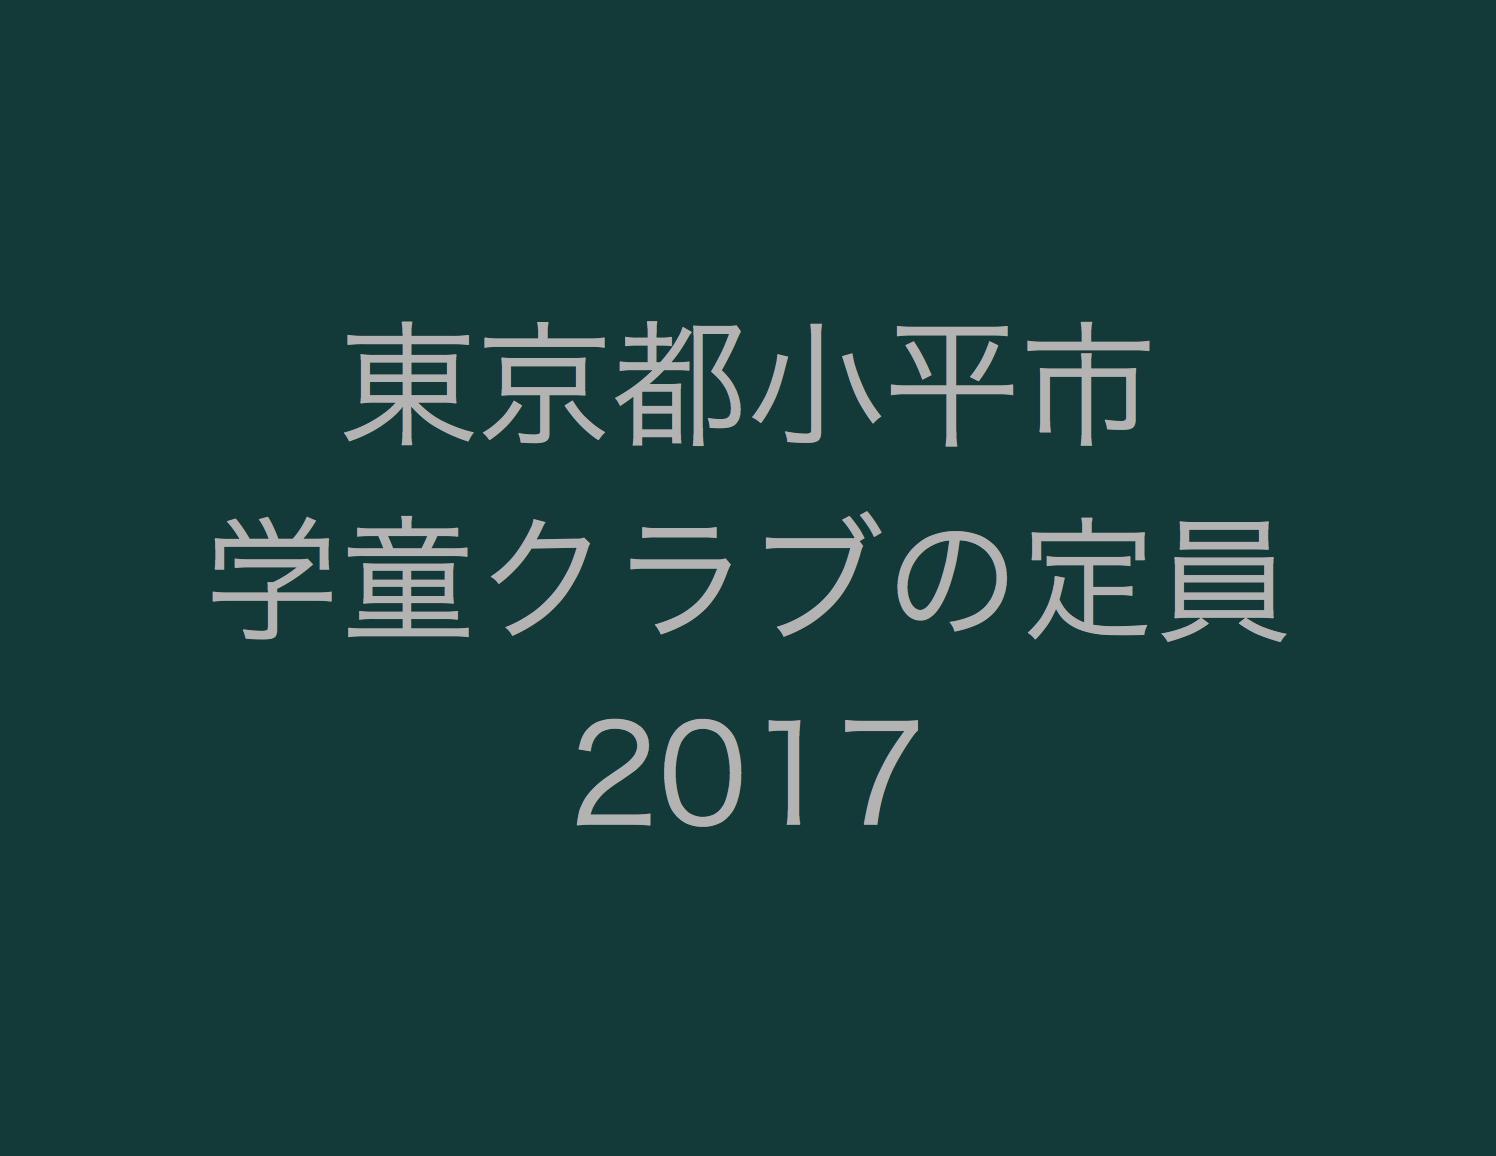 東京都小平市、学童クラブの定員2017